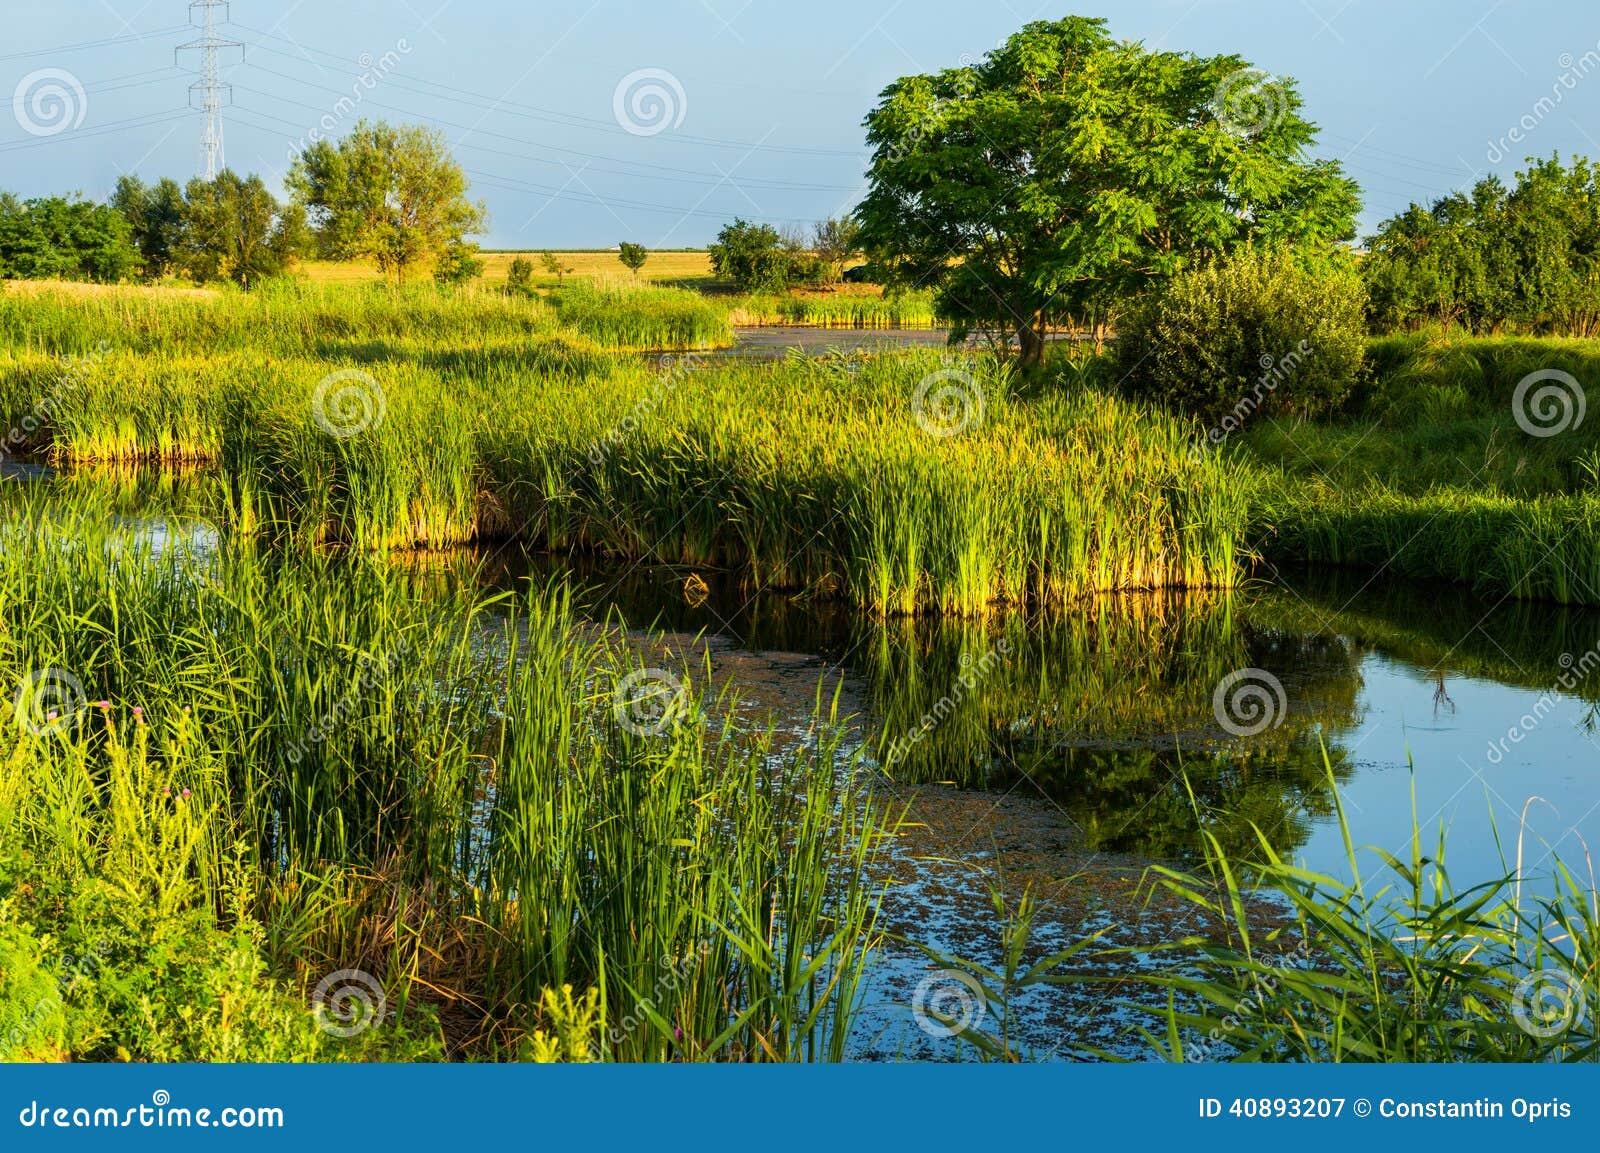 Végétation verte luxuriante